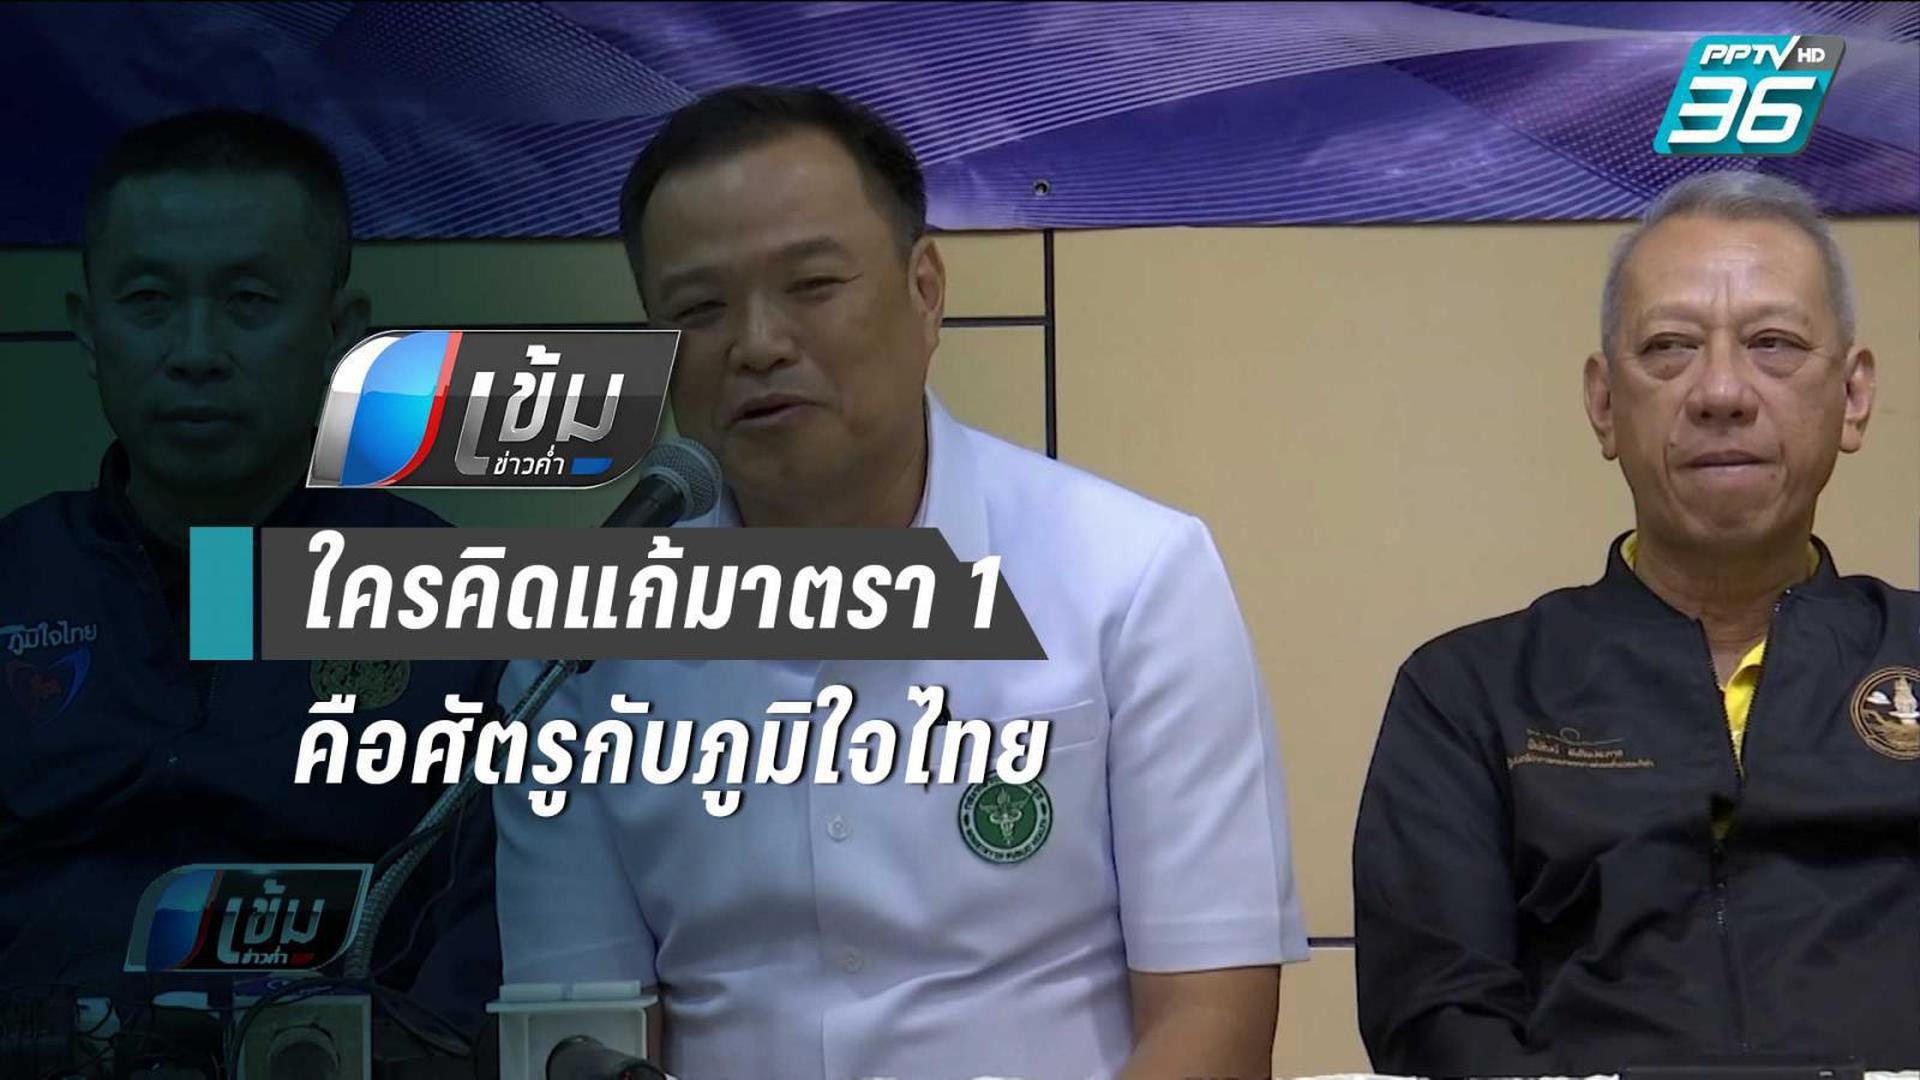 อนุทิน ลั่น ใครคิดแก้มาตรา 1 เป็นศัตรูกับภูมิใจไทย